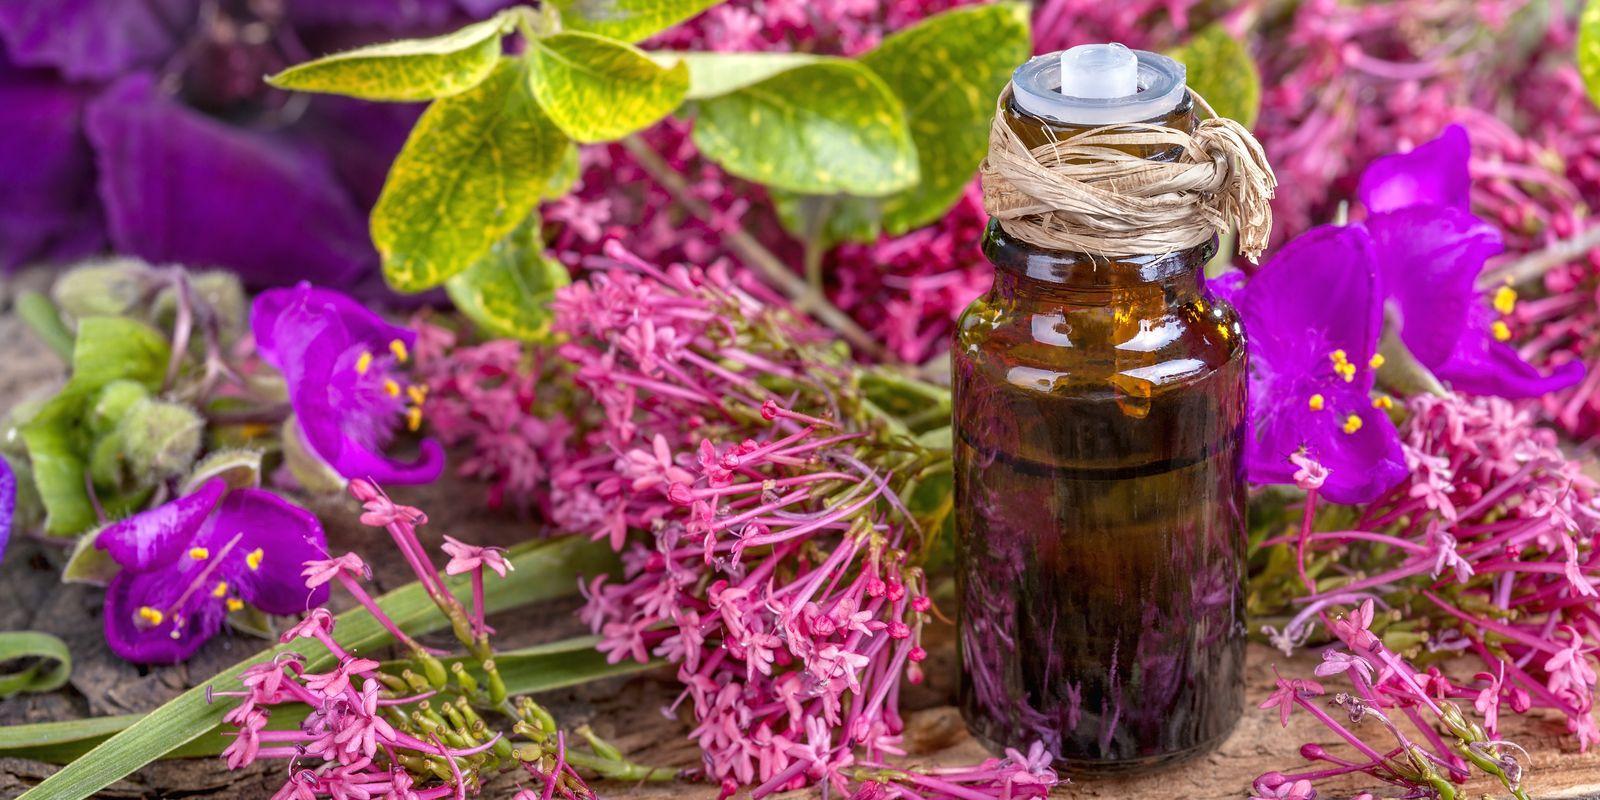 Geránium v kosmetice, aromaterapii a léčitelství